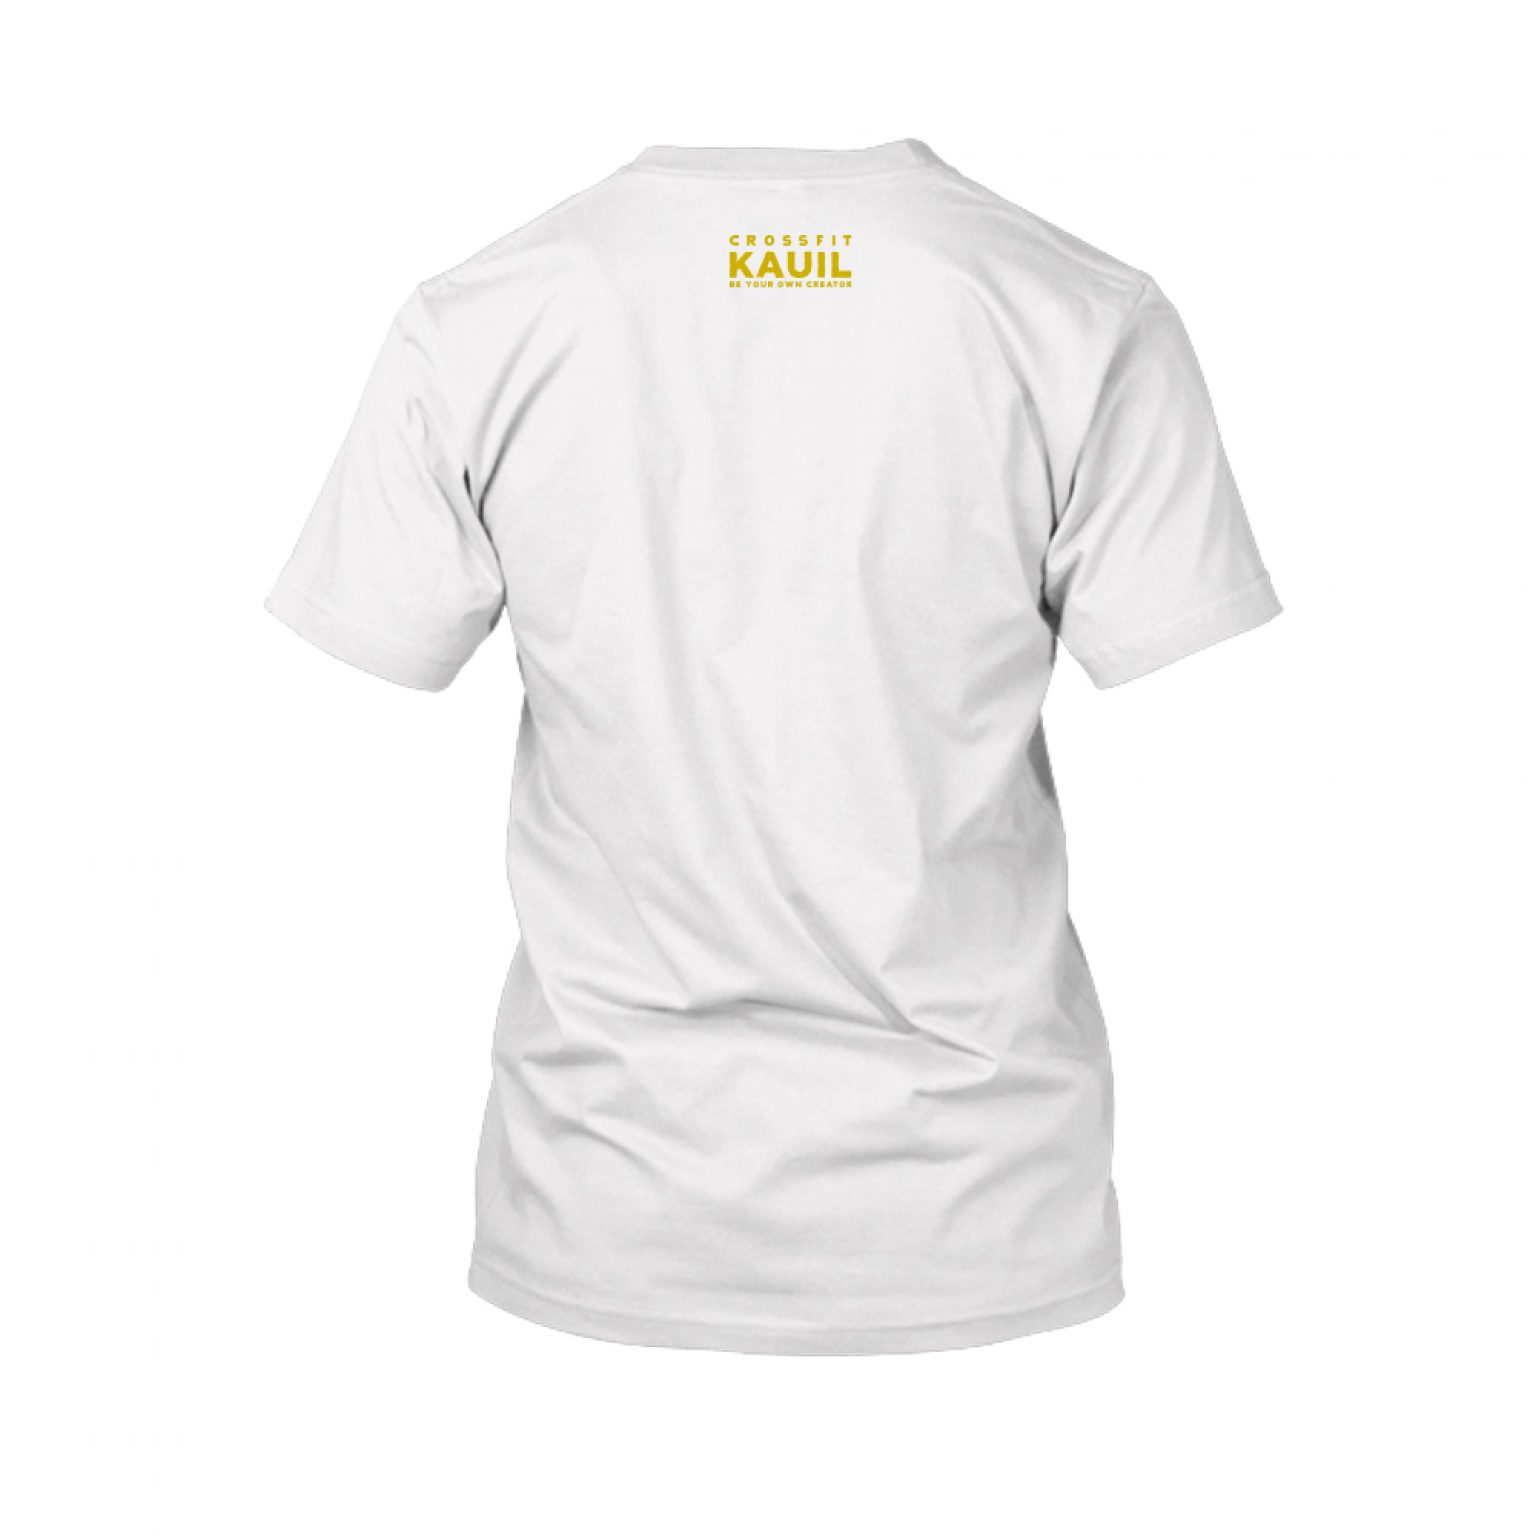 Herren Shirt Weiss gold back 1